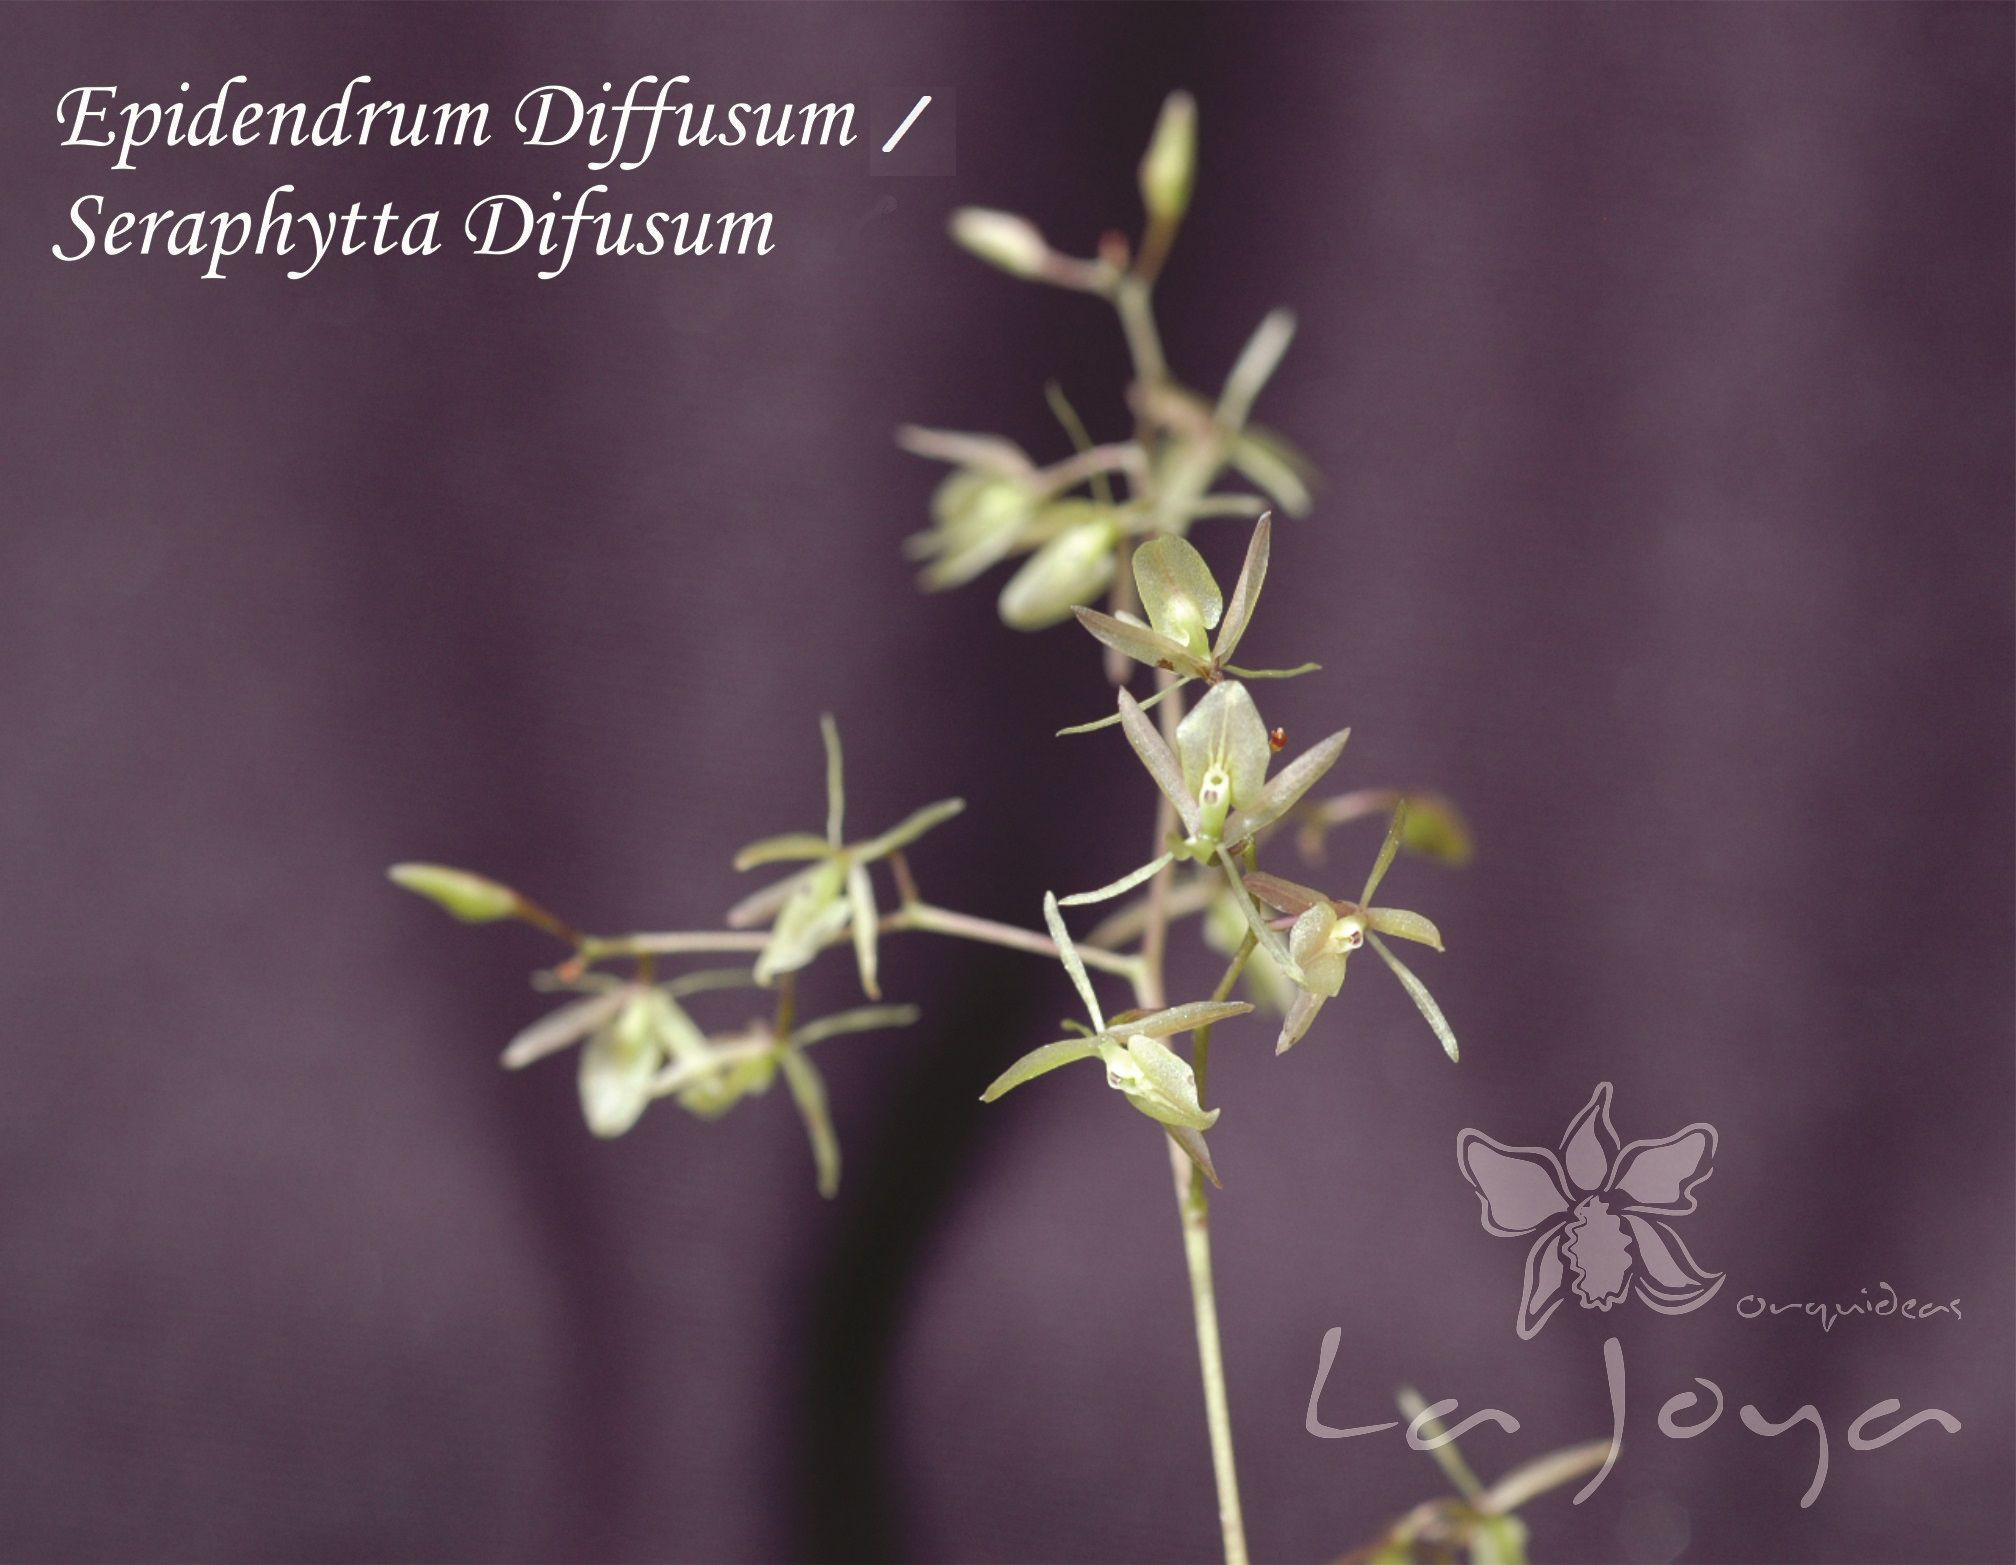 Seraphyta Diffusum (Epidendrum)